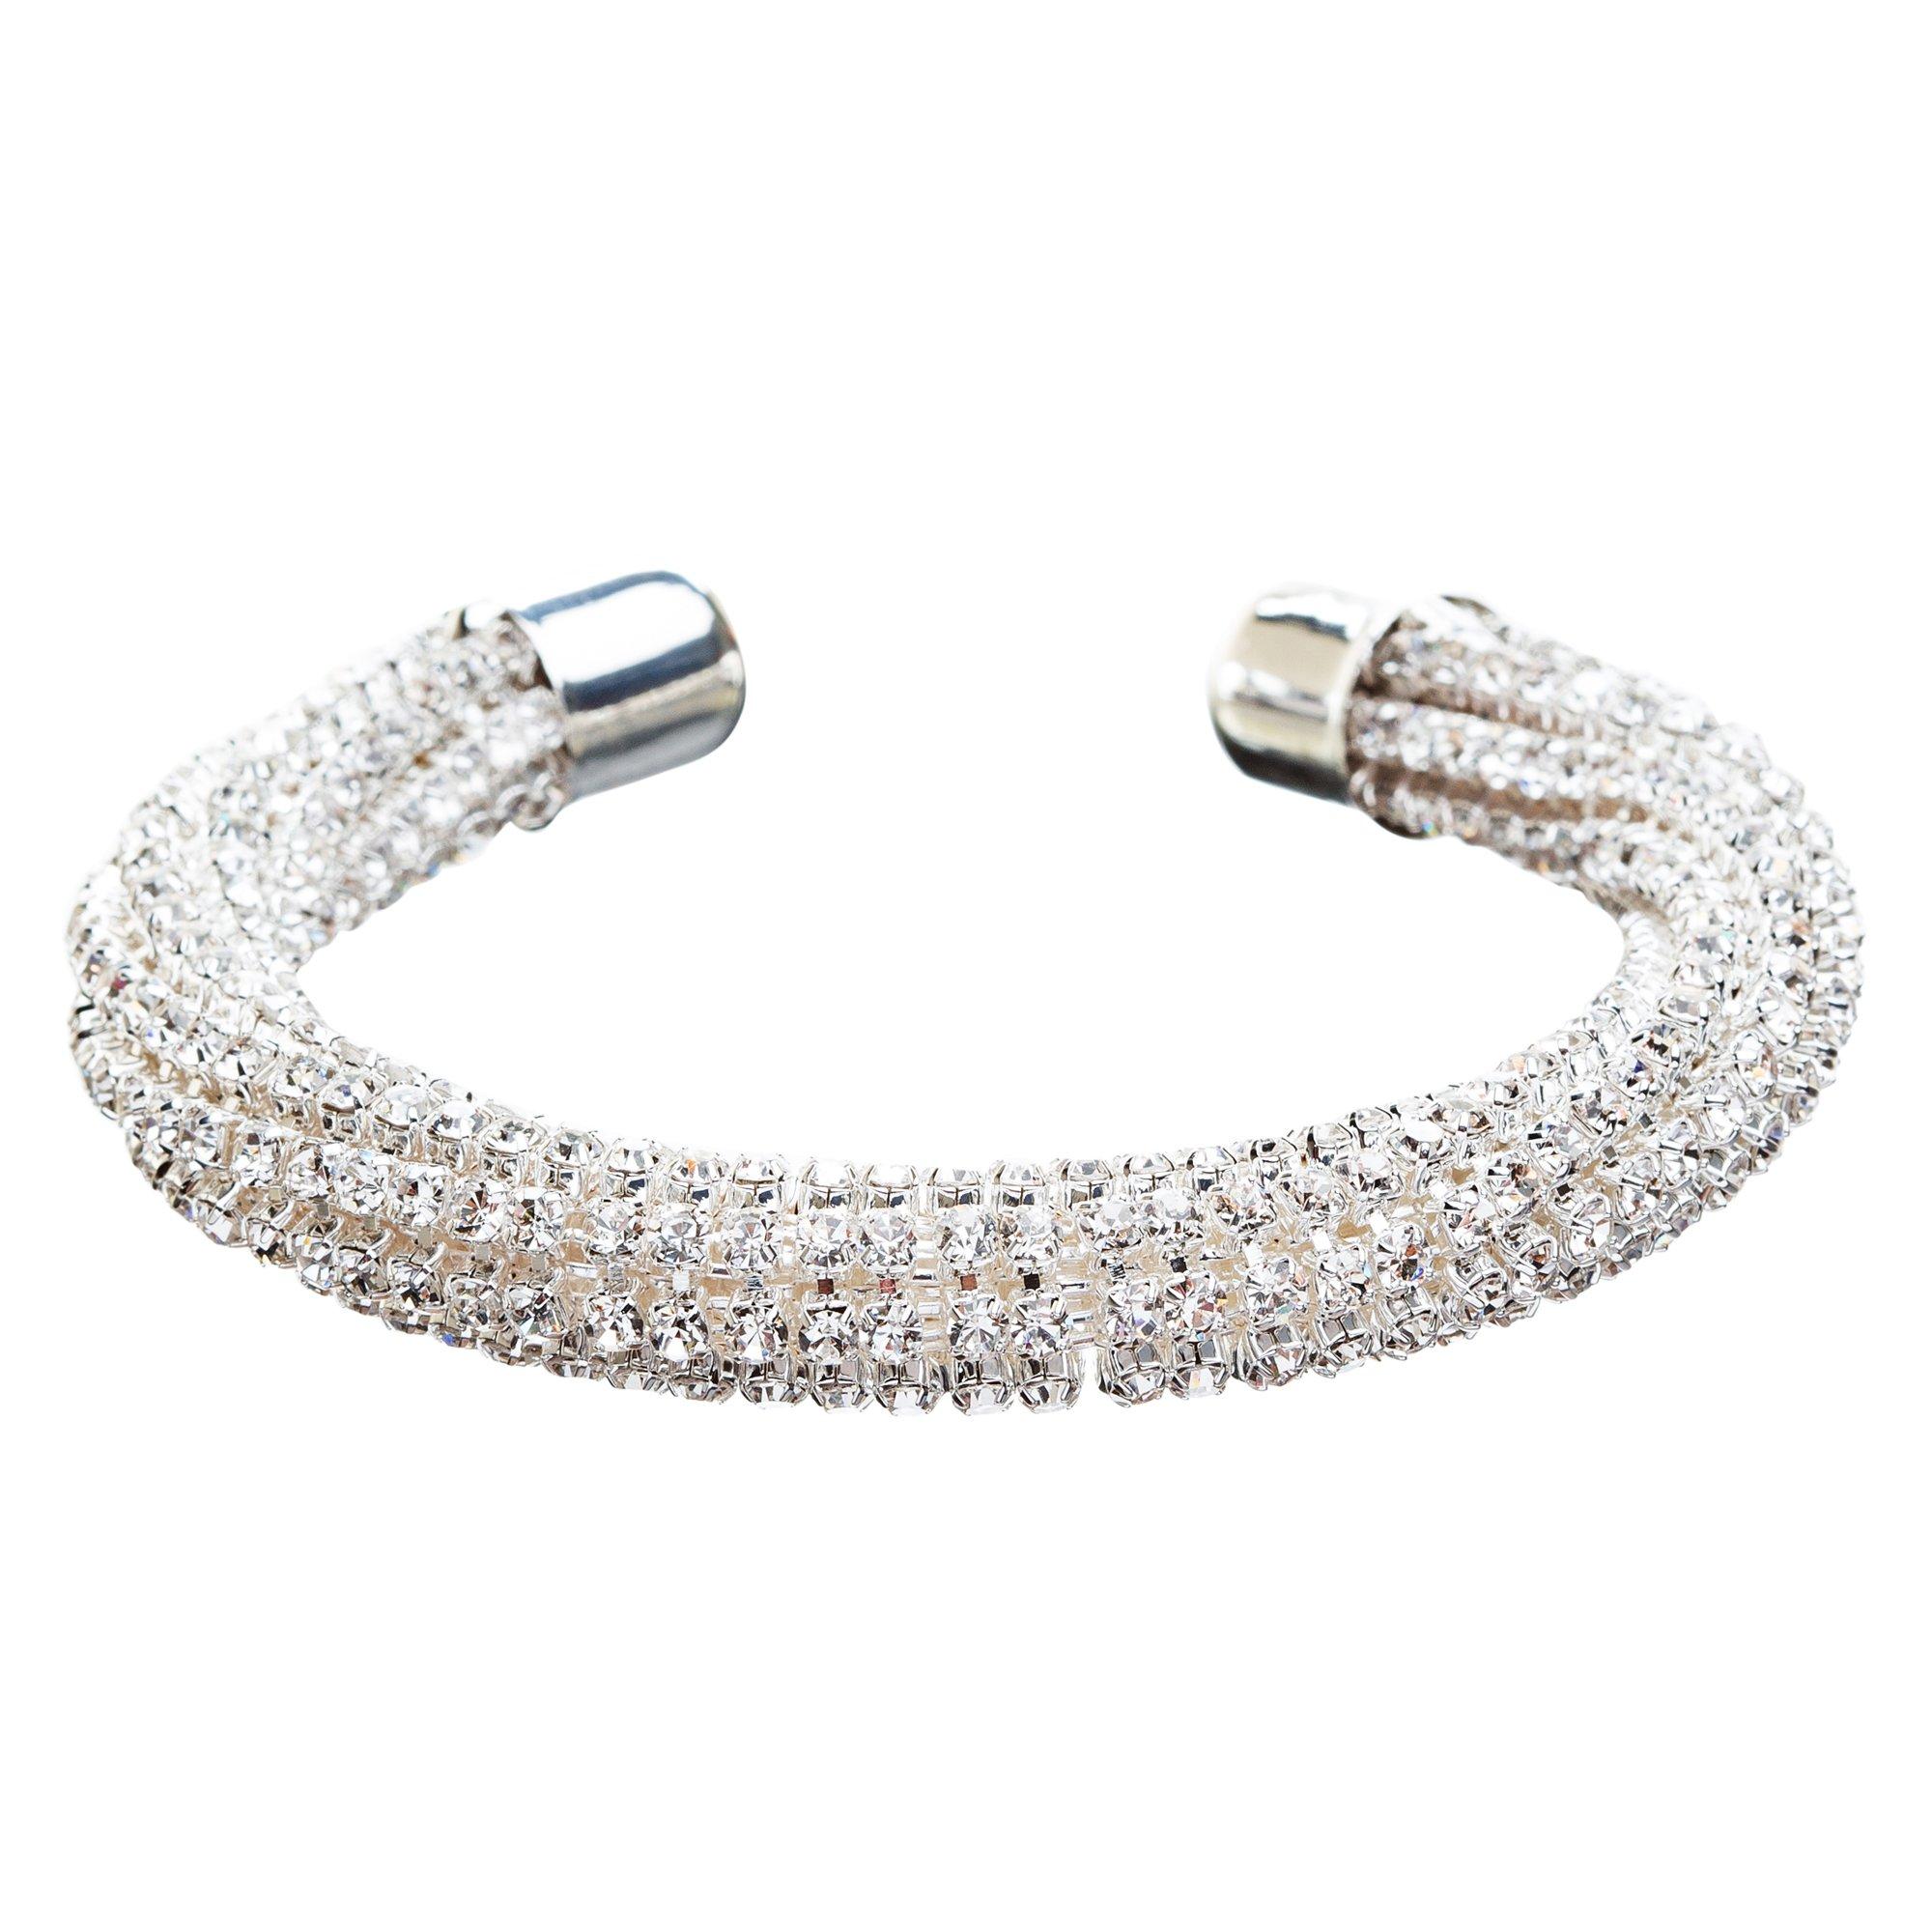 ACCESSORIESFOREVER Women Bridal Wedding Jewelry Crystal Rhinestone Fashion Crafted Bracelet B415 Silver